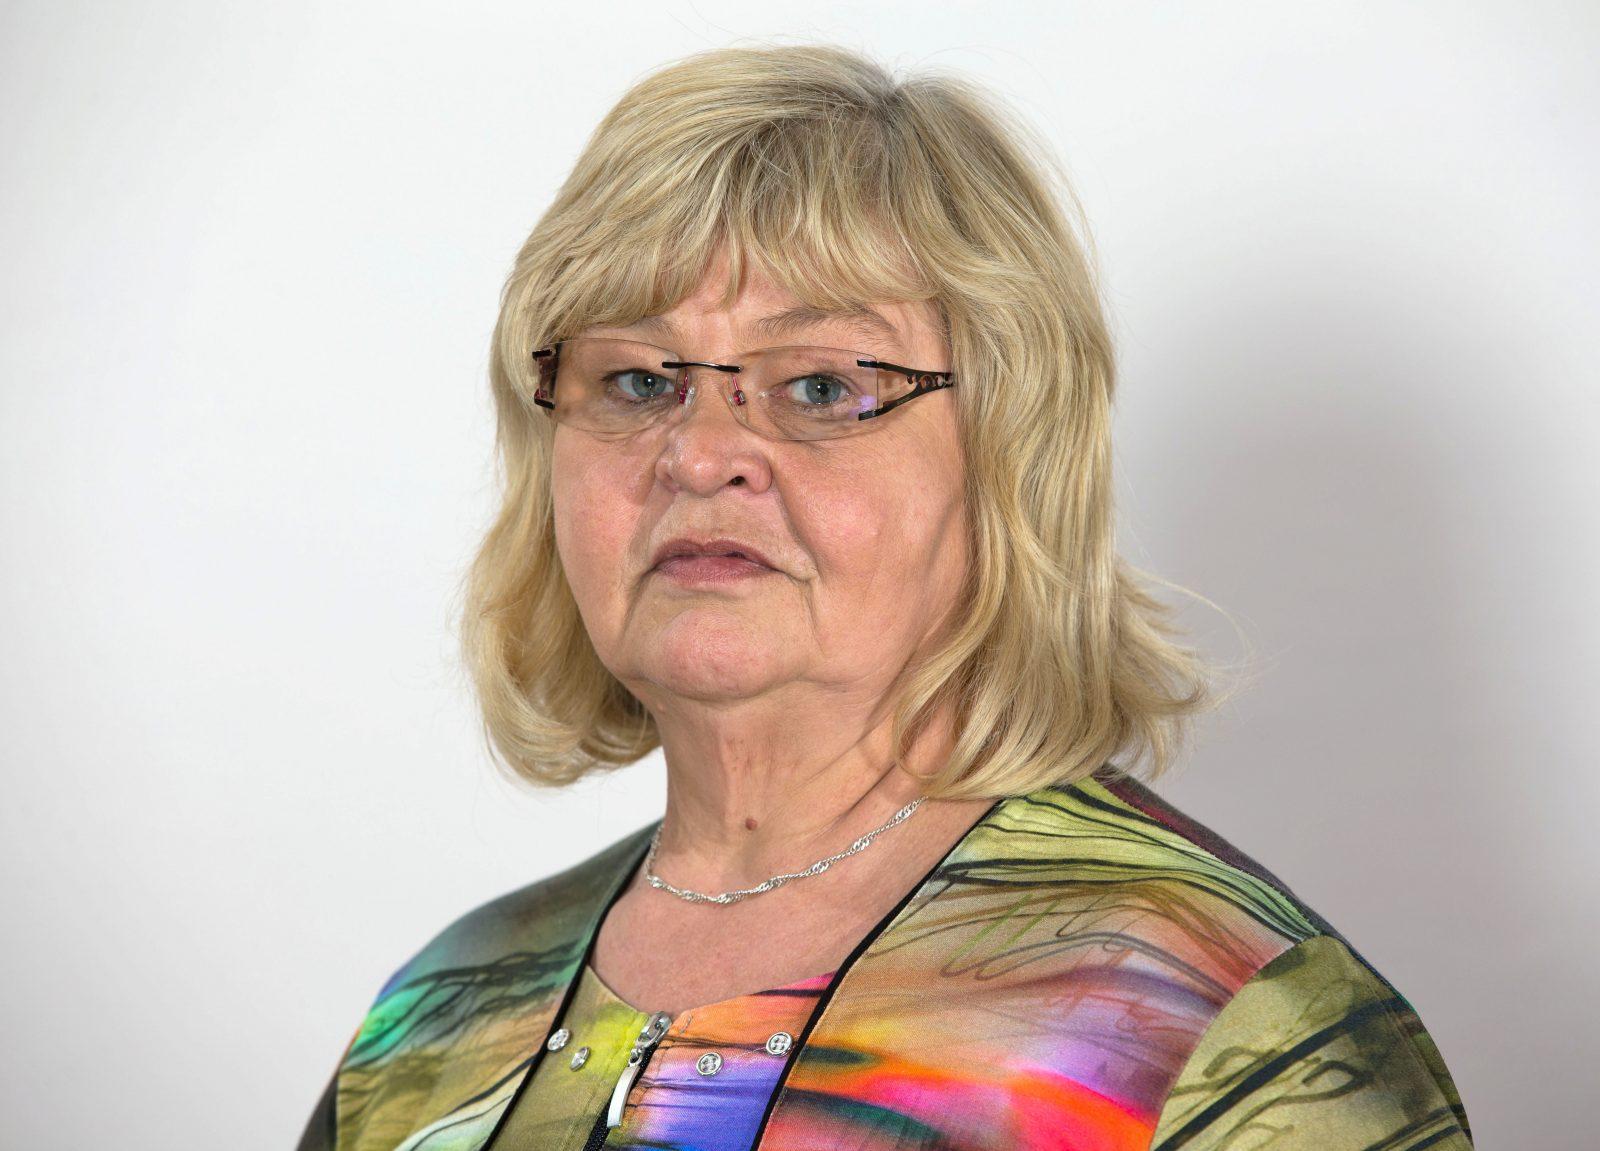 Die AfD will die ehemalige Landtagsabgeordnete der Linkspartei, Barbara Borchardt, als Verfassungsrichterin abwählen lassen (Archivbild) Foto: (c) dpa